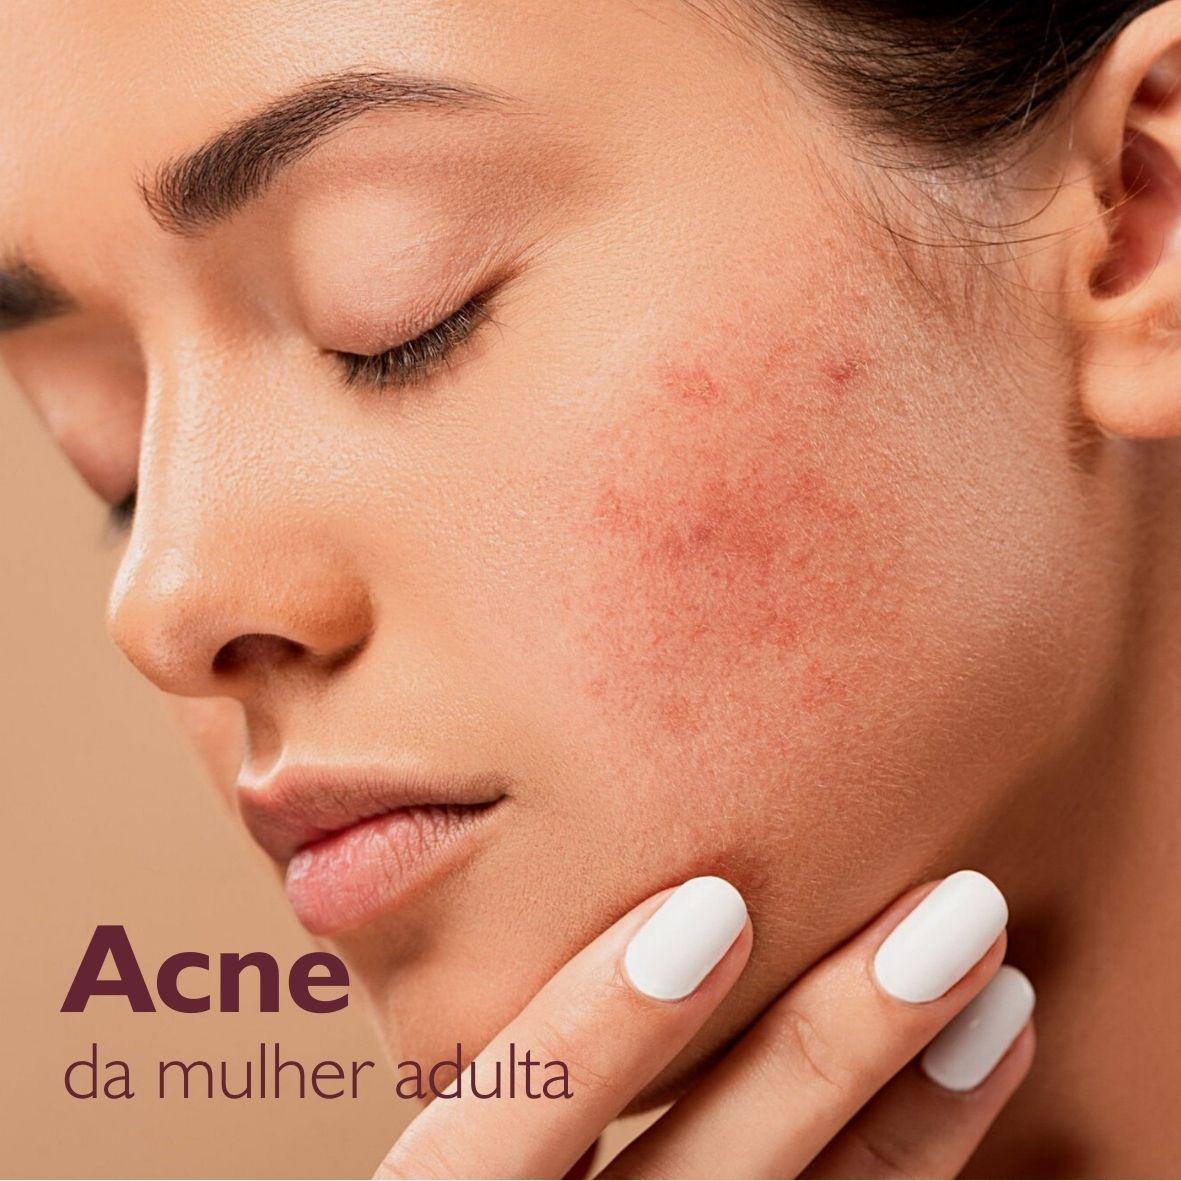 acne-da-mulher-adulta.jpg